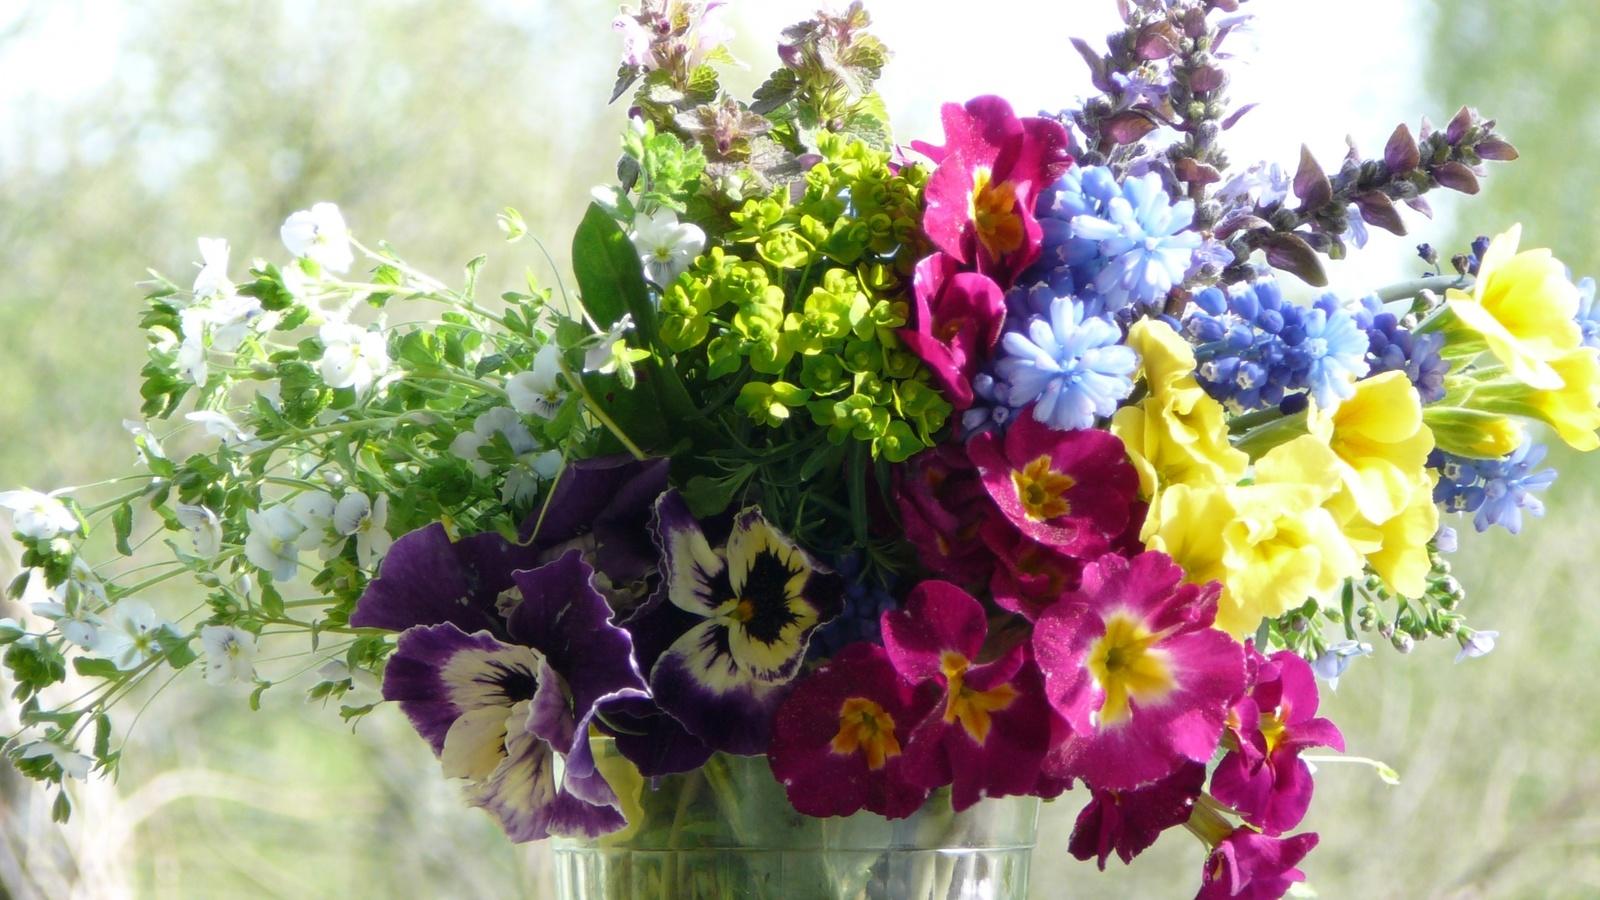 http://www.nastol.com.ua/download.php?img=201106/1600x900/nastol.com.ua-6135.jpg